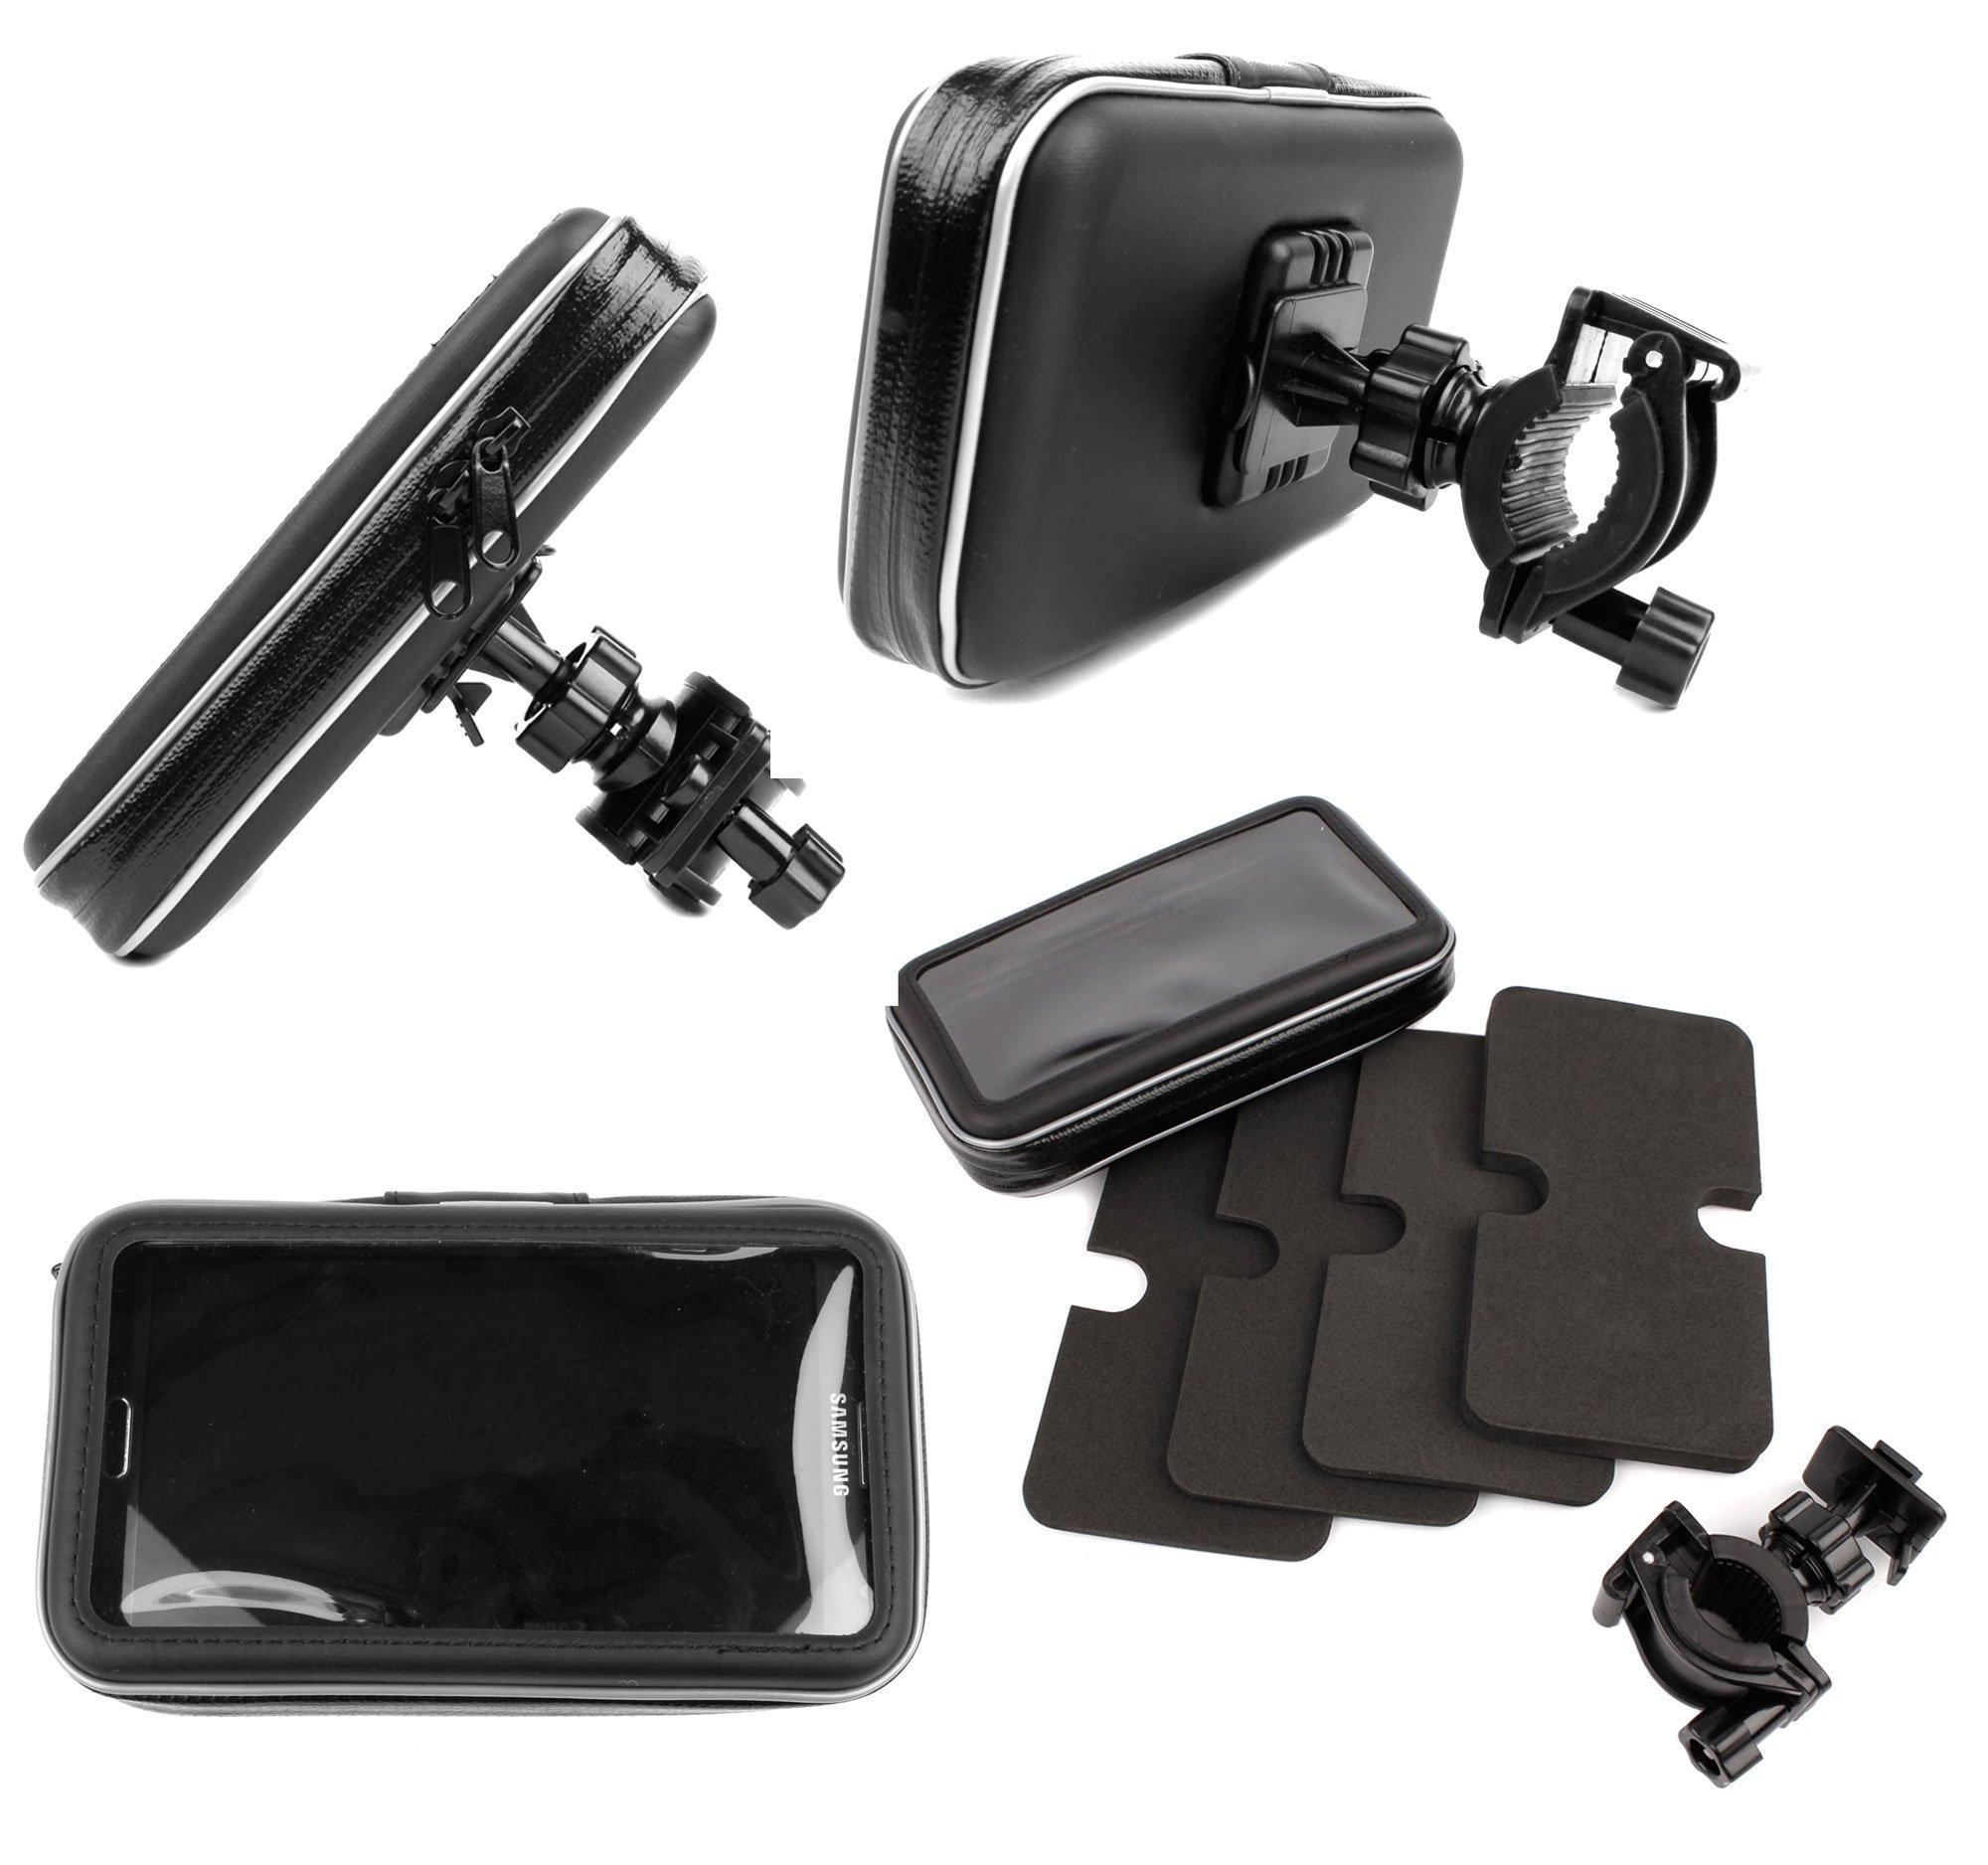 DURAGADGET Water-Resistant & Shock-Absorbing Cyclists' Satnav Case & Bike Handlebar GPS Mount - Compatible with Garmin DriveLuxe 50 | DriveLuxe 51 Satnav